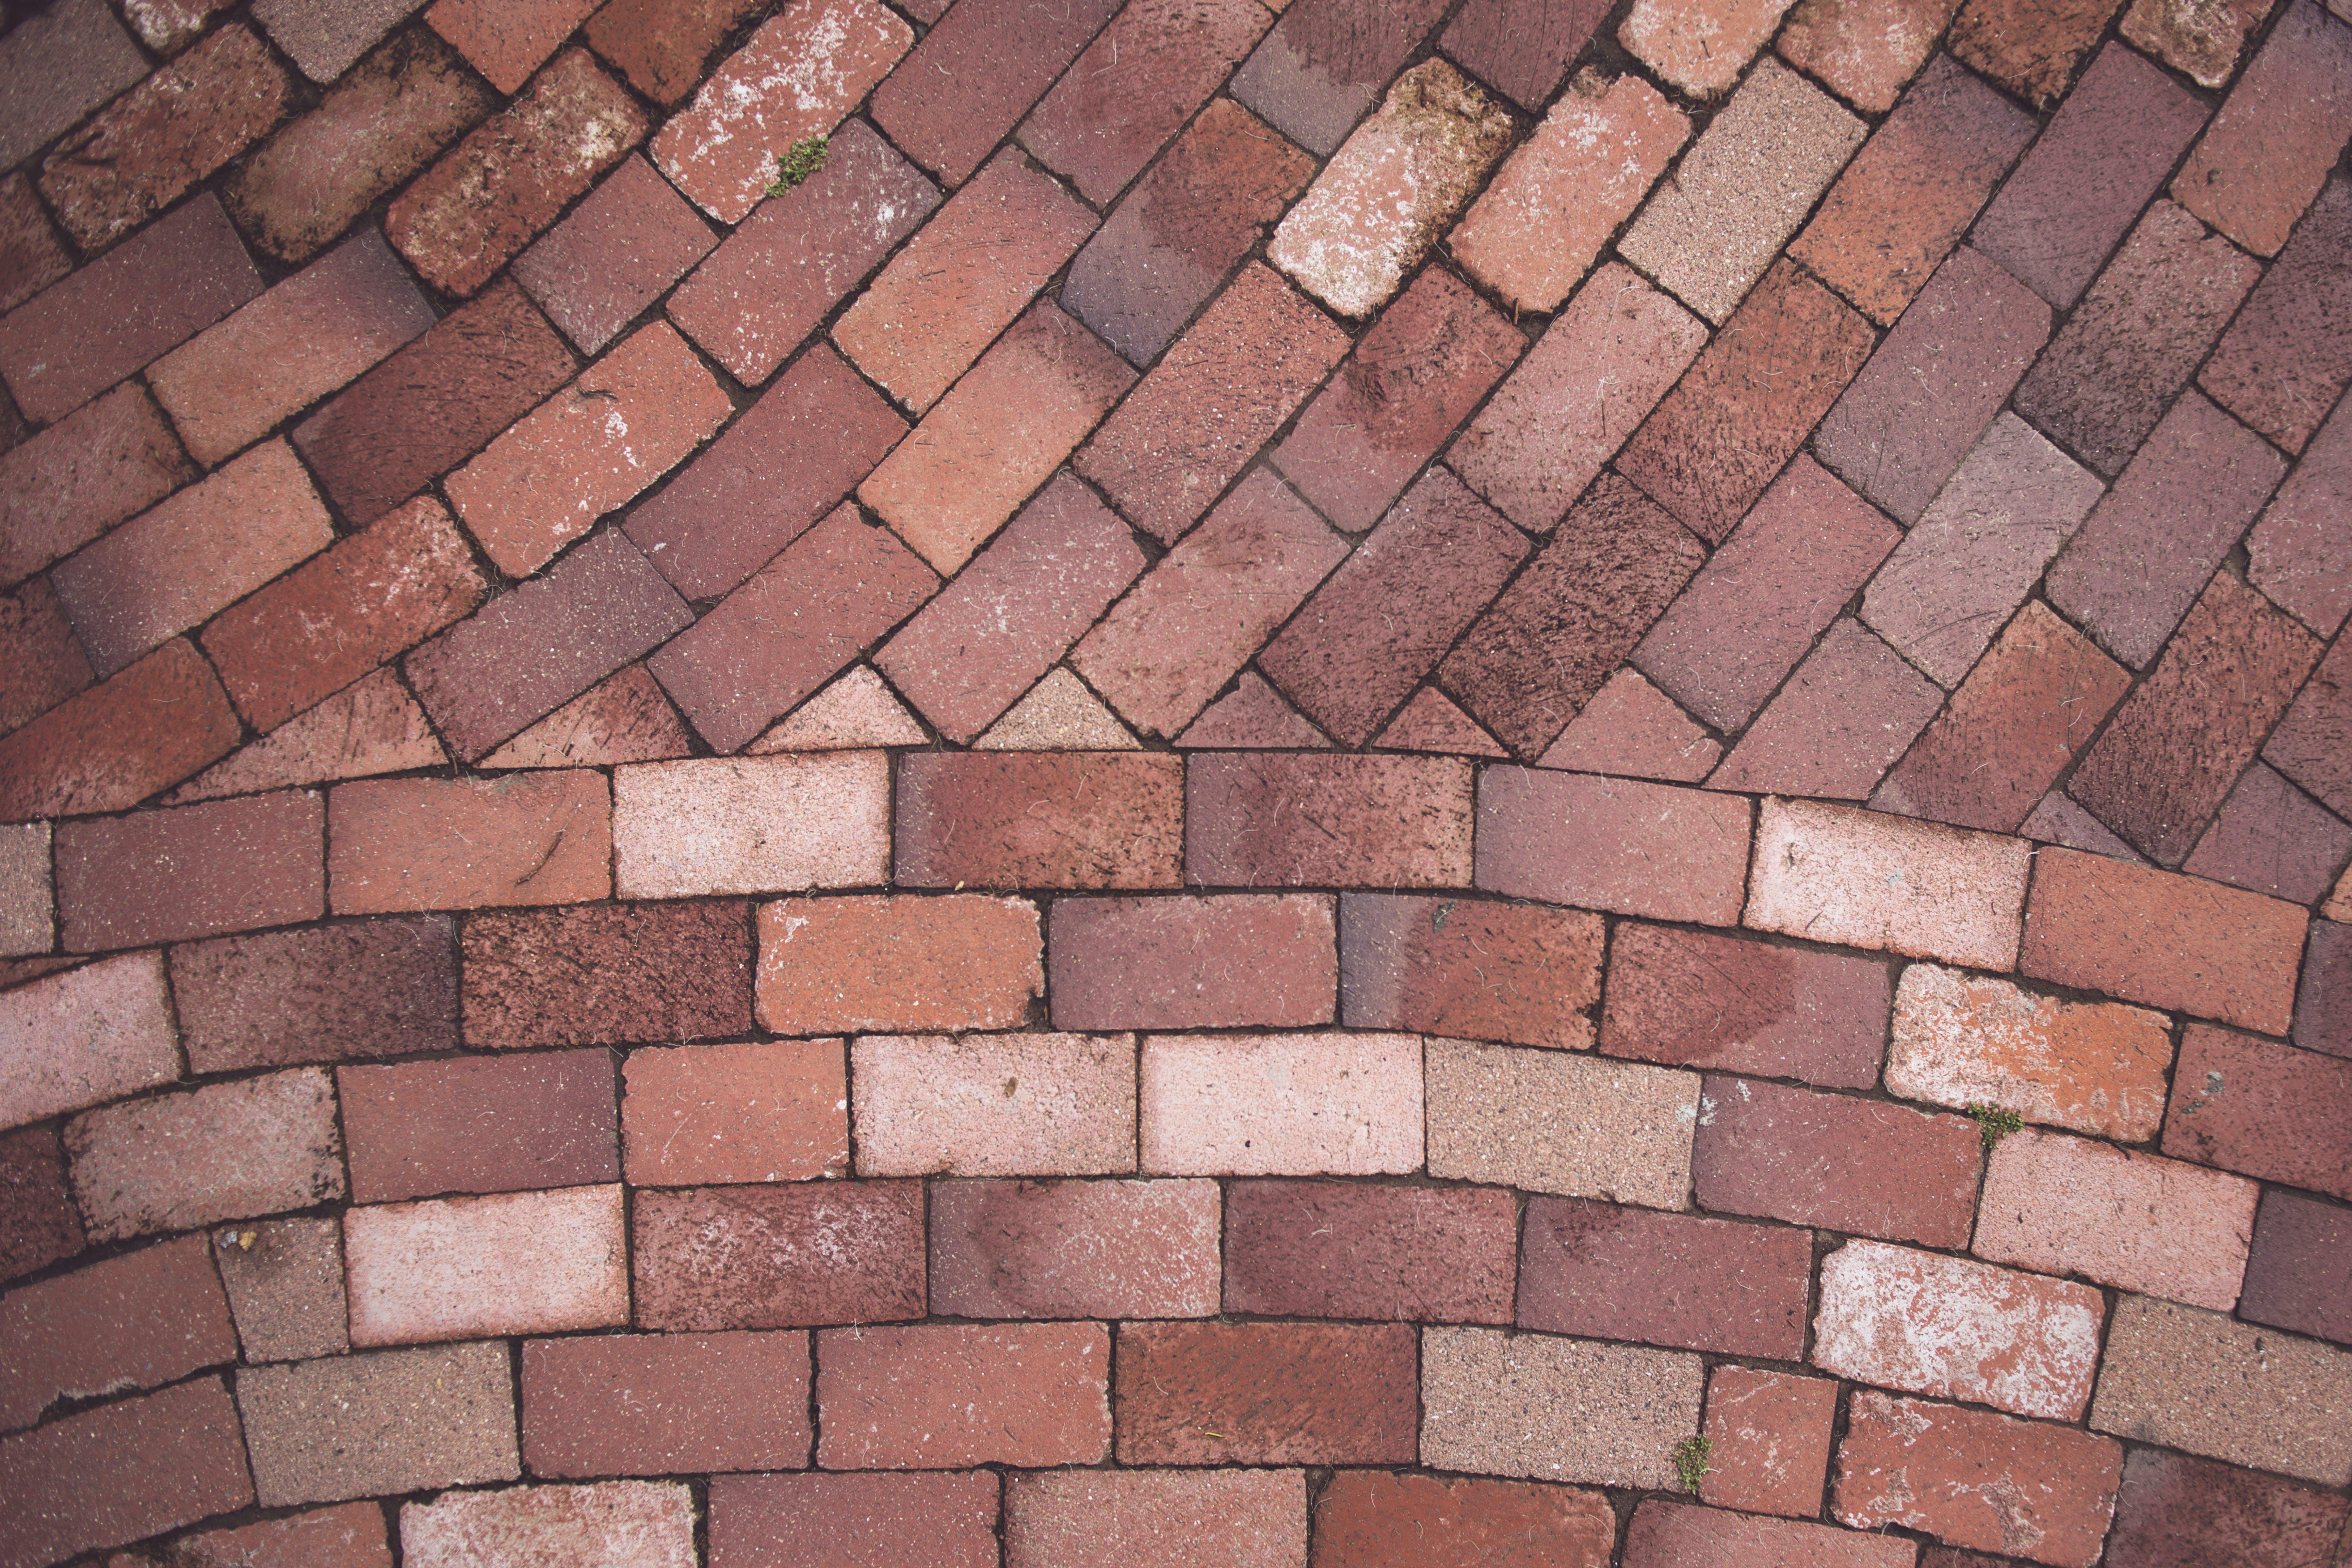 background, background image, bricks